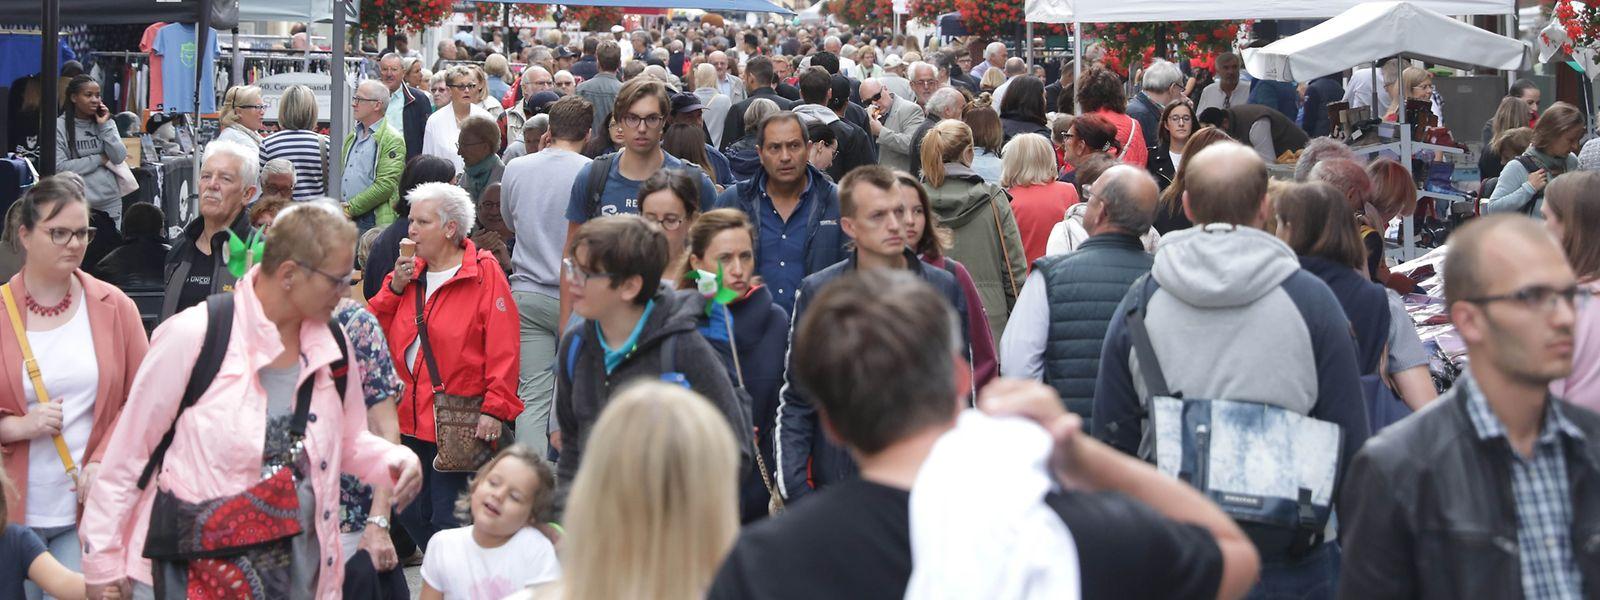 Cette 89e édition de la braderie a attiré beaucoup de visiteurs, selon les commerçants du centre-ville.